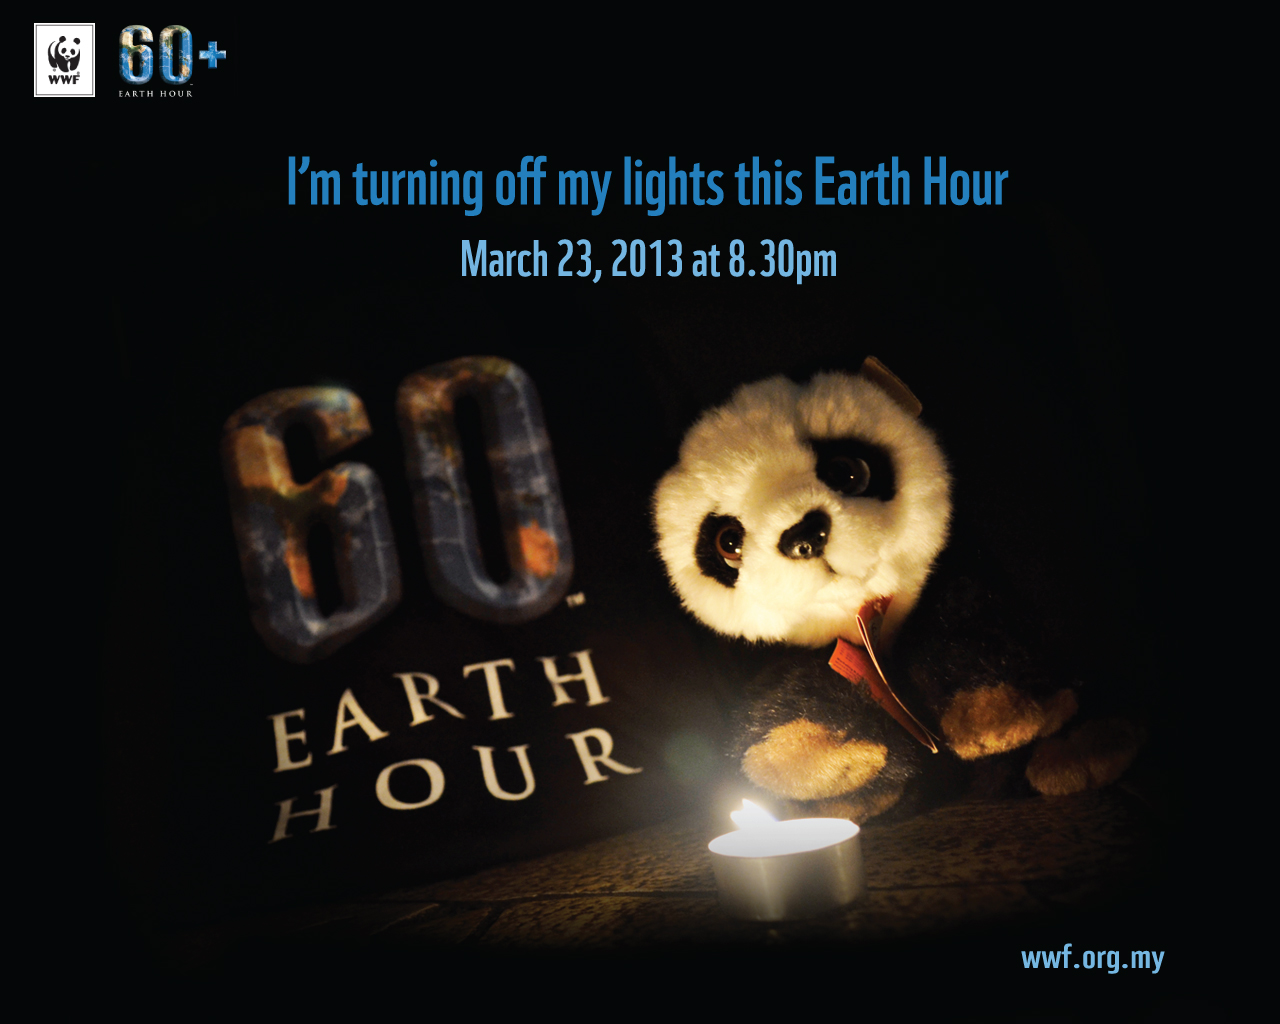 Românii sting astăzi luminile pentru a marca Ora Pământului